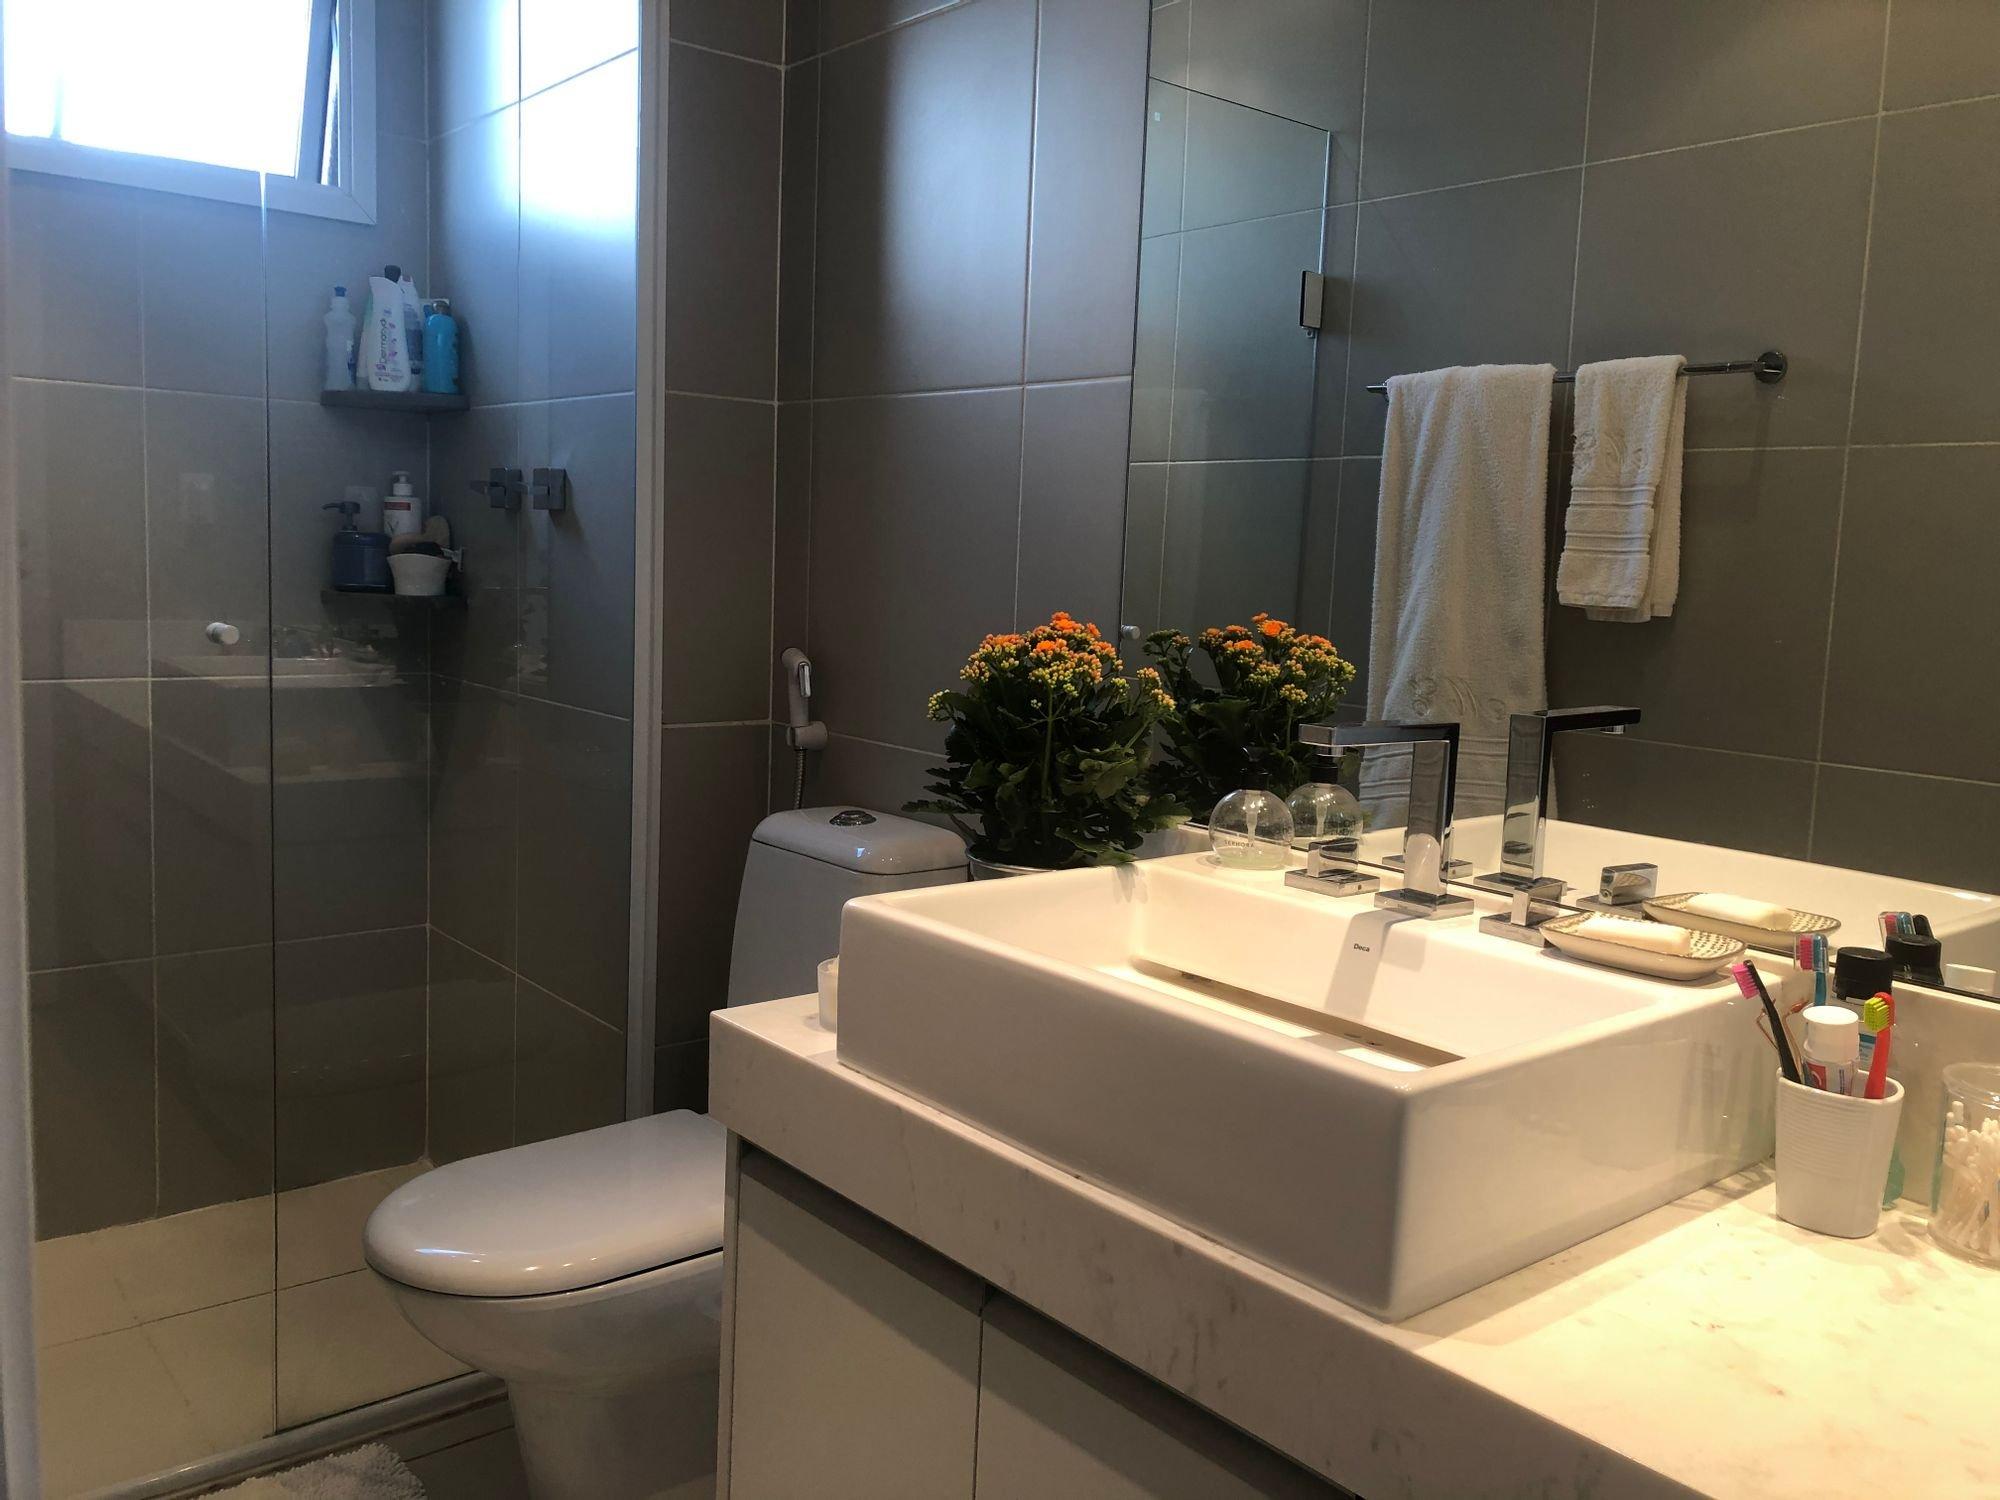 Foto de Banheiro com vaso de planta, escova de dente, vaso sanitário, garrafa, pia, xícara